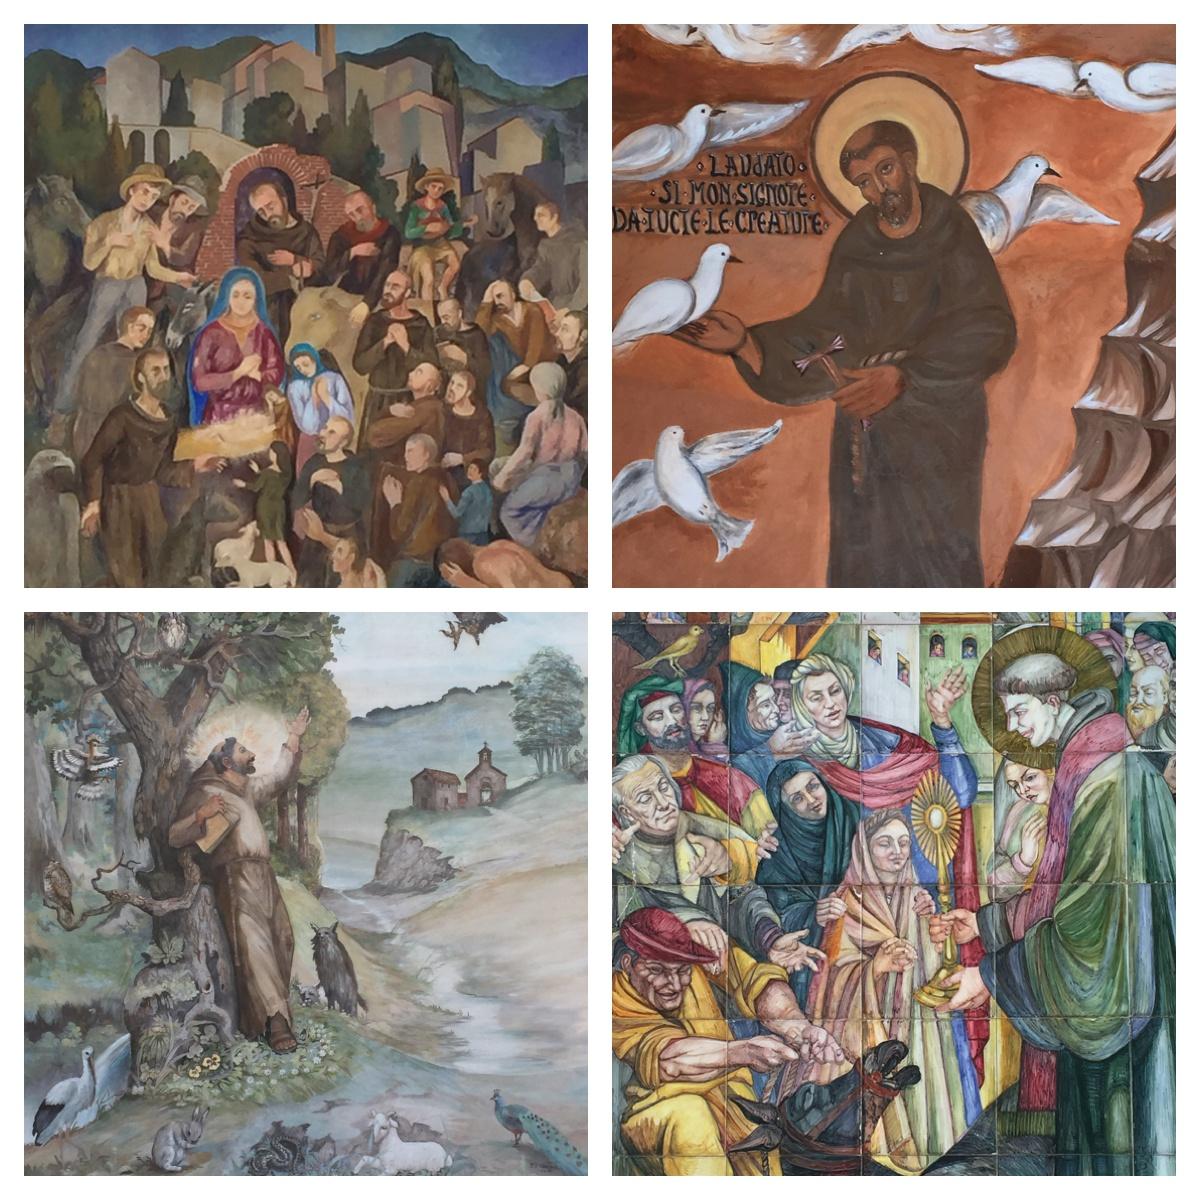 San Francesco in Greccio, een van de borghi più belli d'Italia